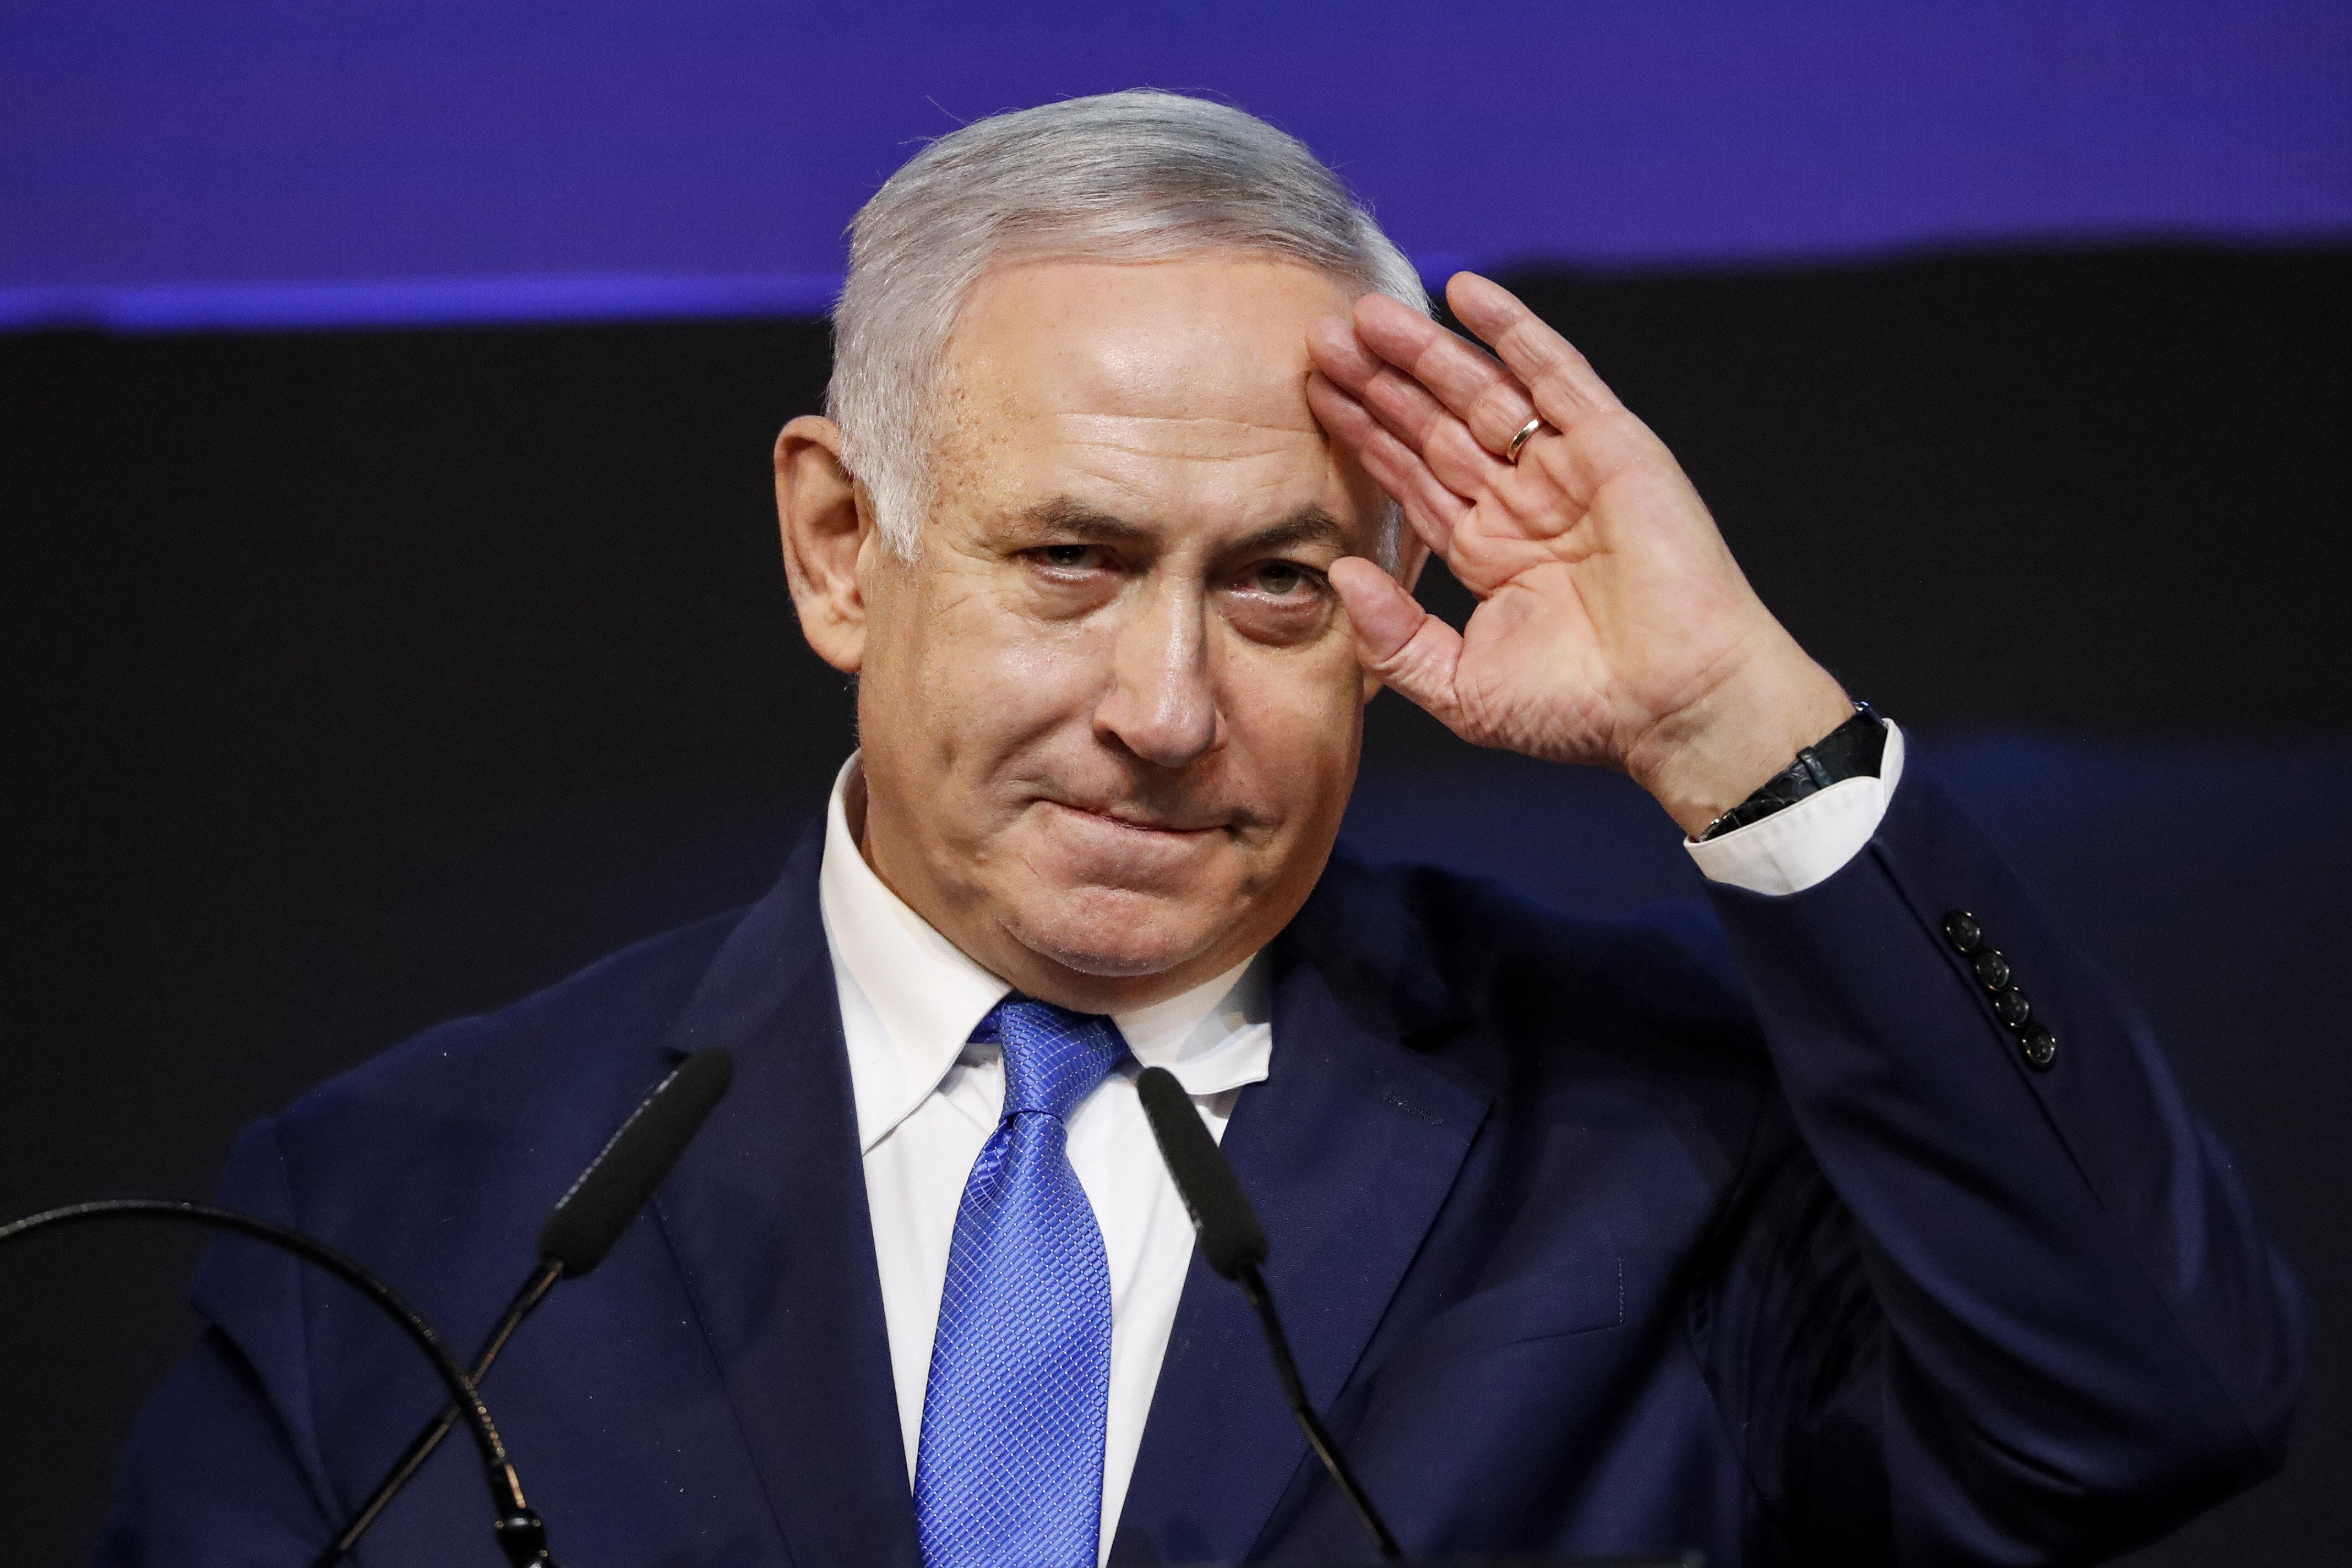 5번째 임기를 맞이할 베냐민 네타냐후 이스라엘 총리는 역대 최장기 집권 기록을 세우게